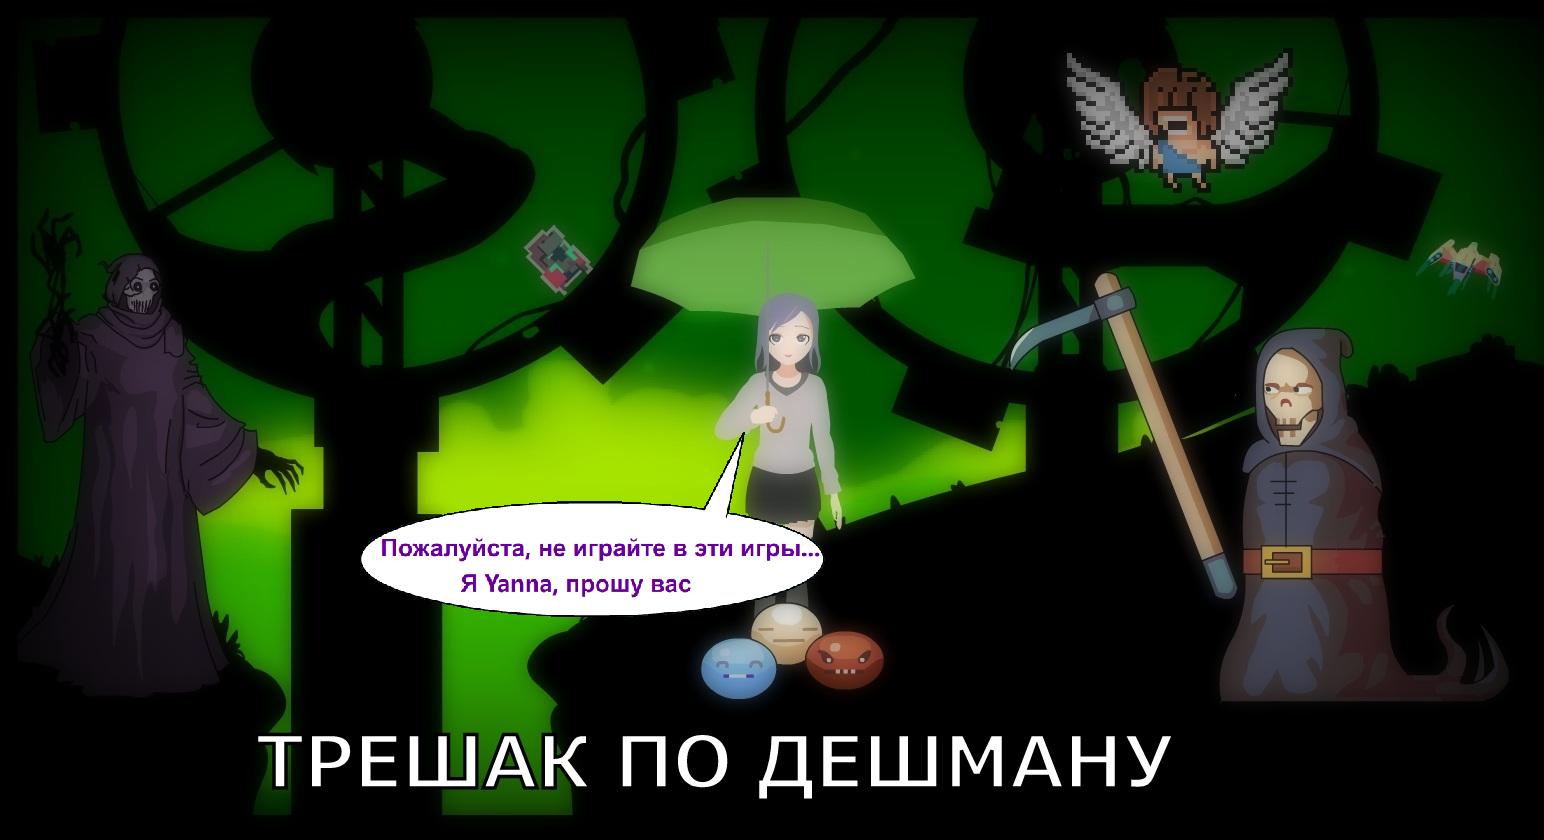 Трешак по скидосу №__   Возвращение?. - Изображение 37